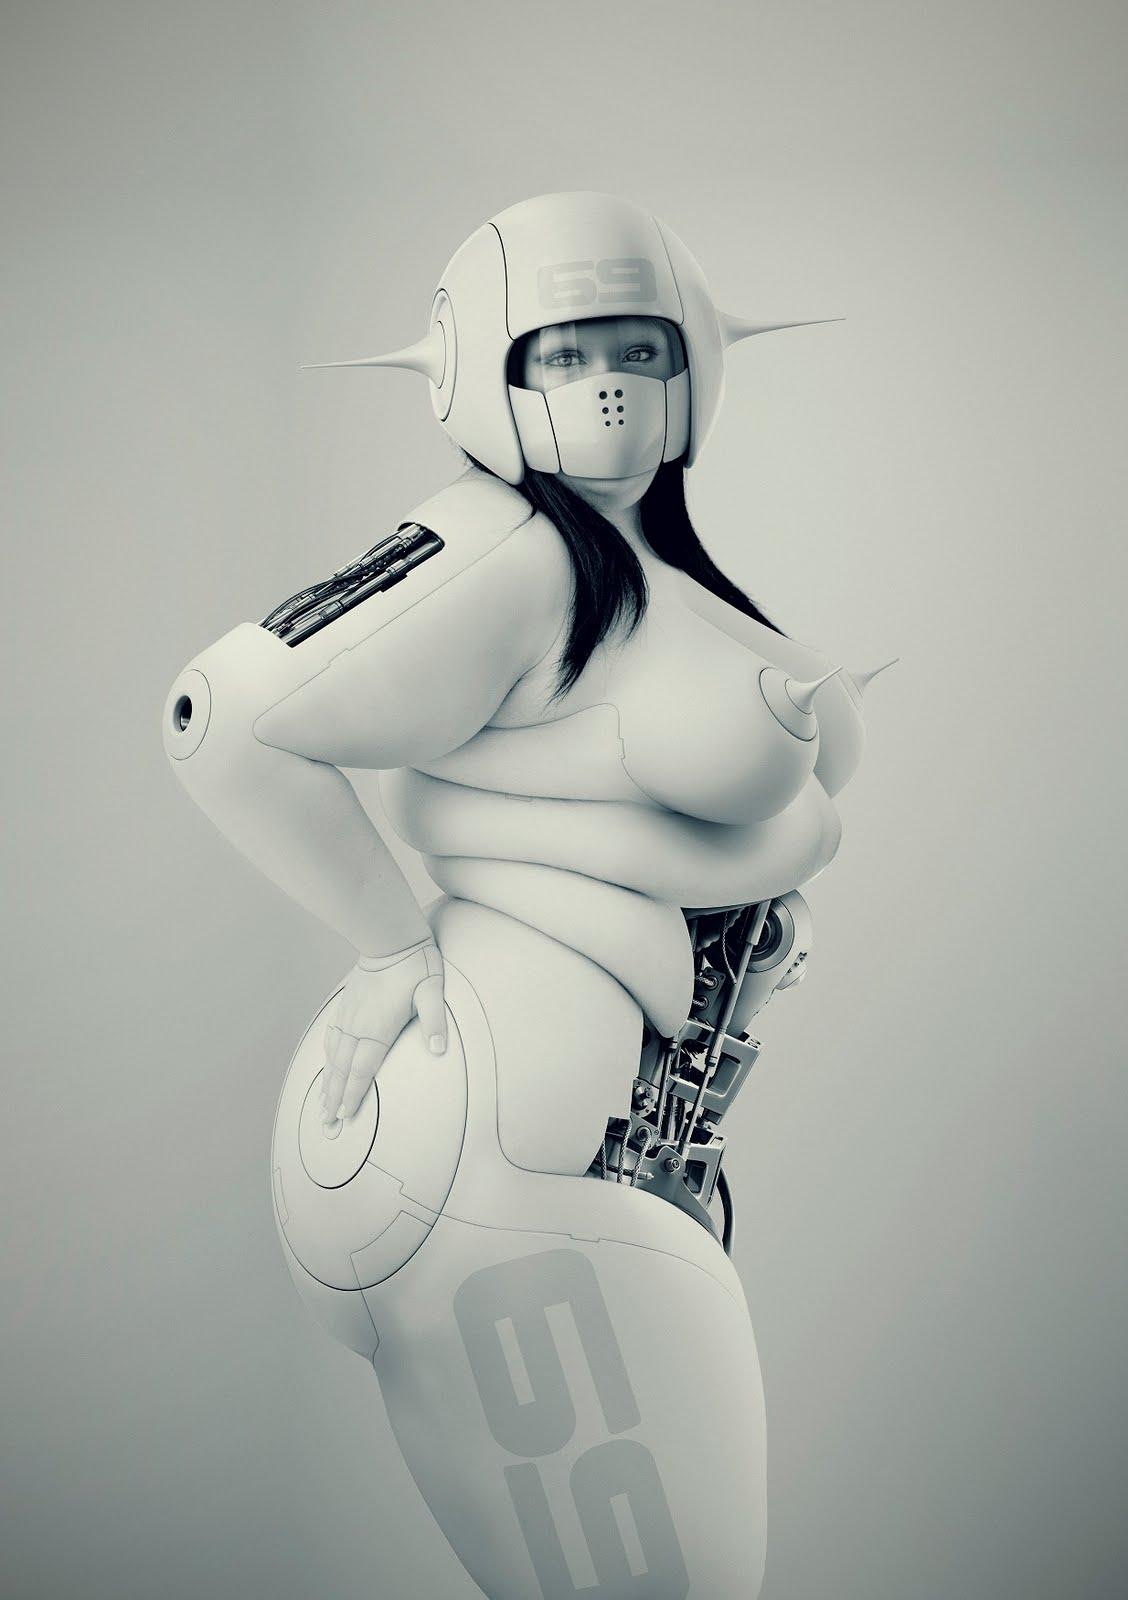 Робот девушка для секса фото 1 фотография